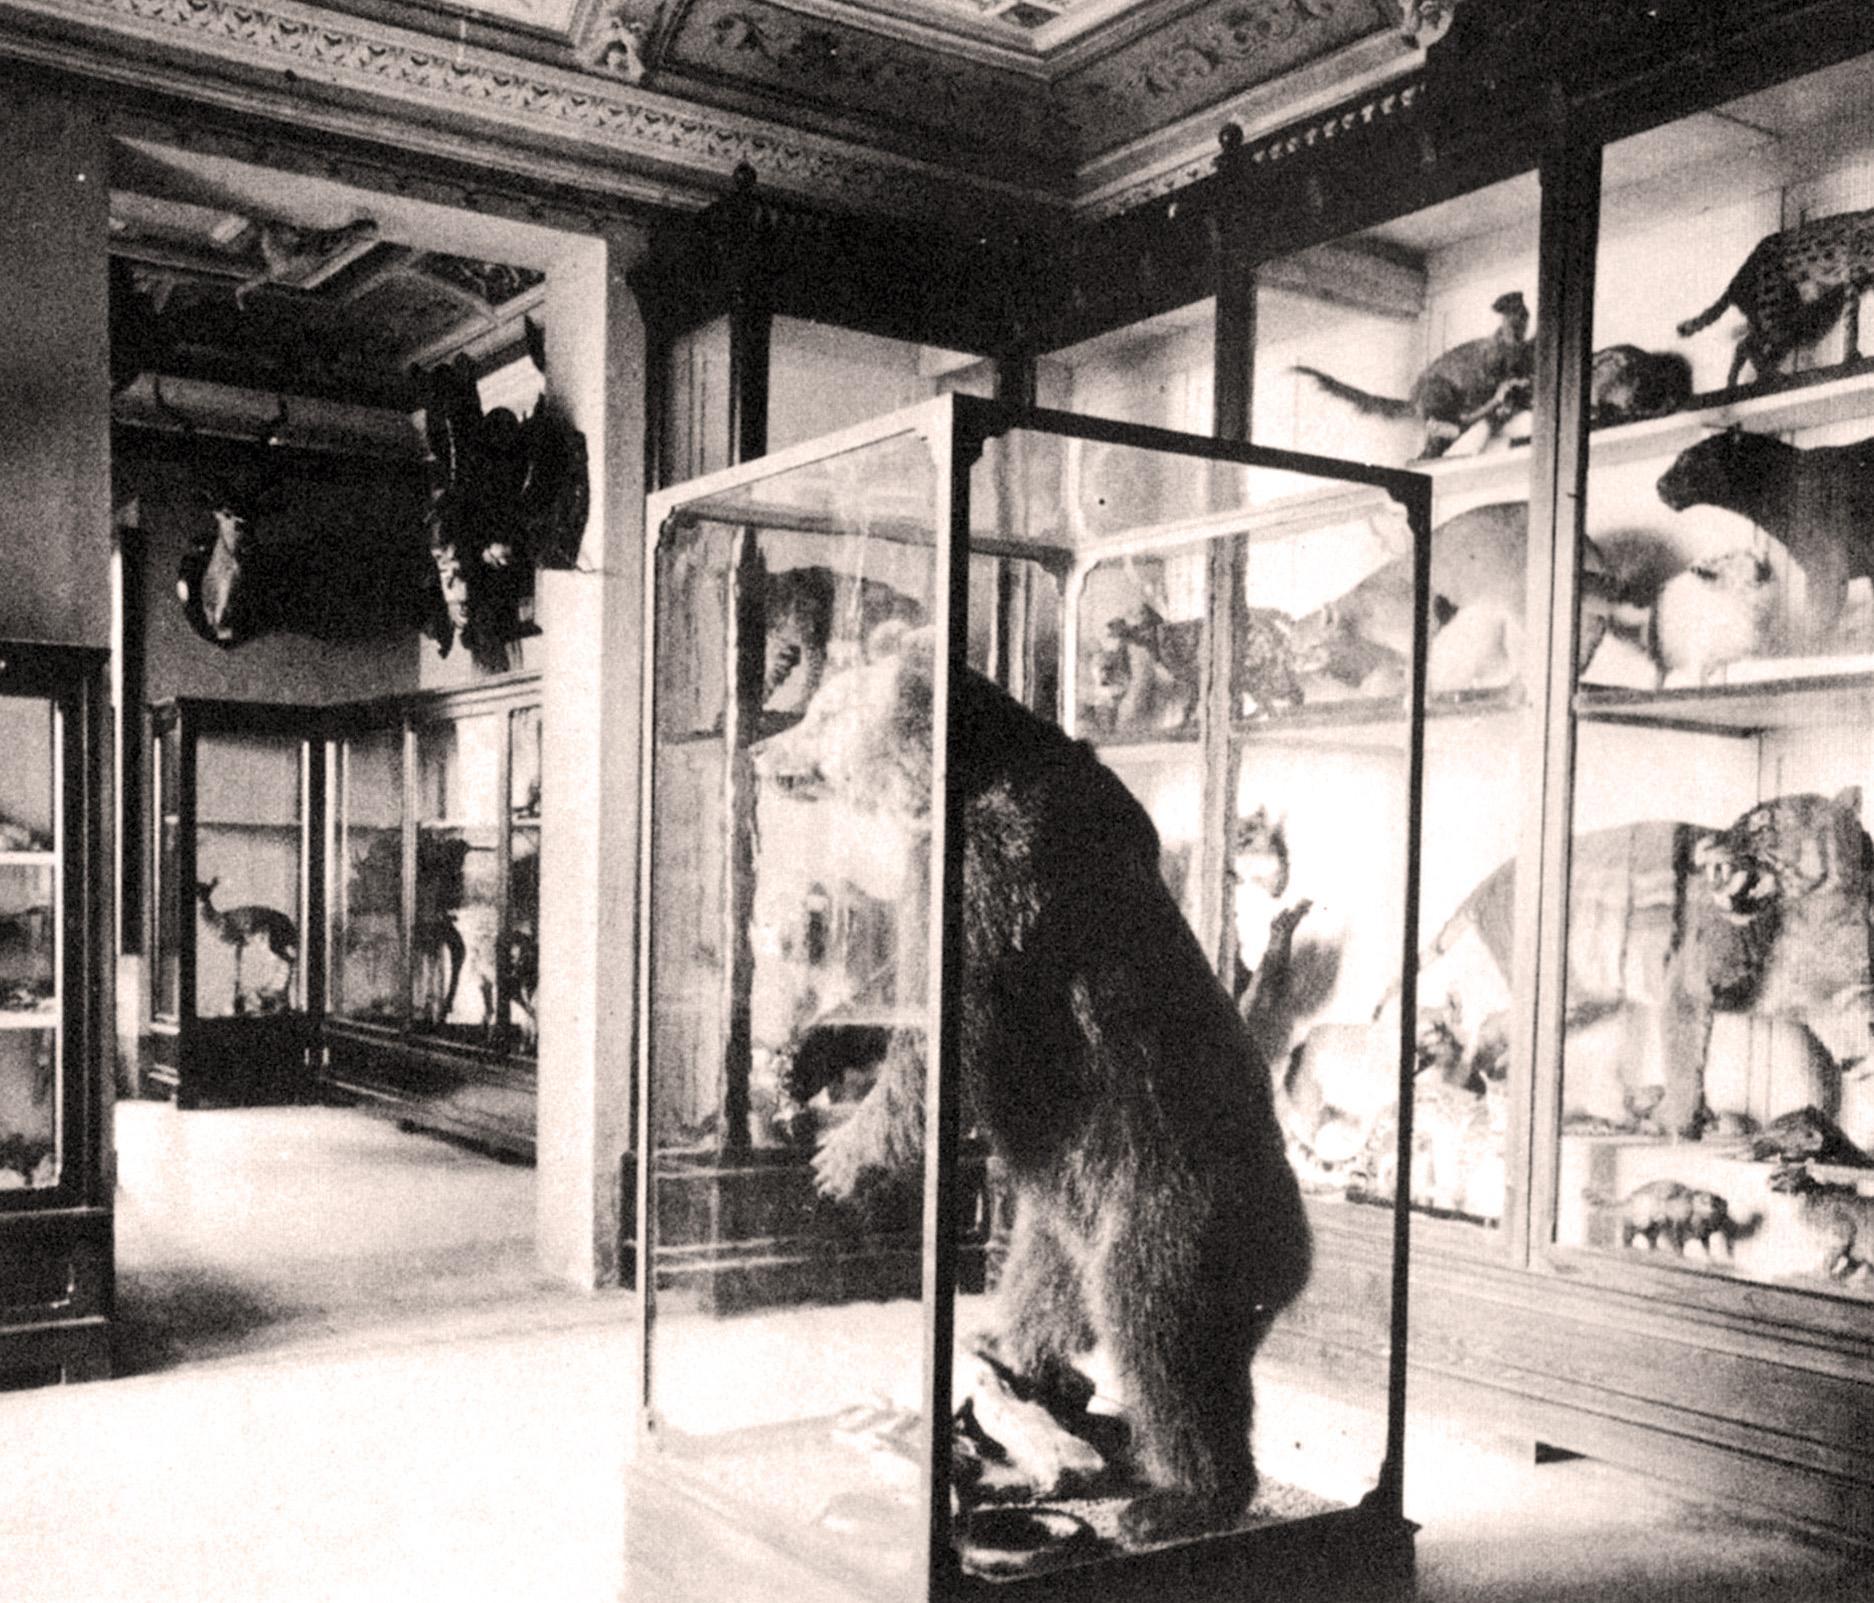 Uno scatto del secolo scorso con uno dei saloni dello Chalet-Museo di Villa Faraggiana di Meina